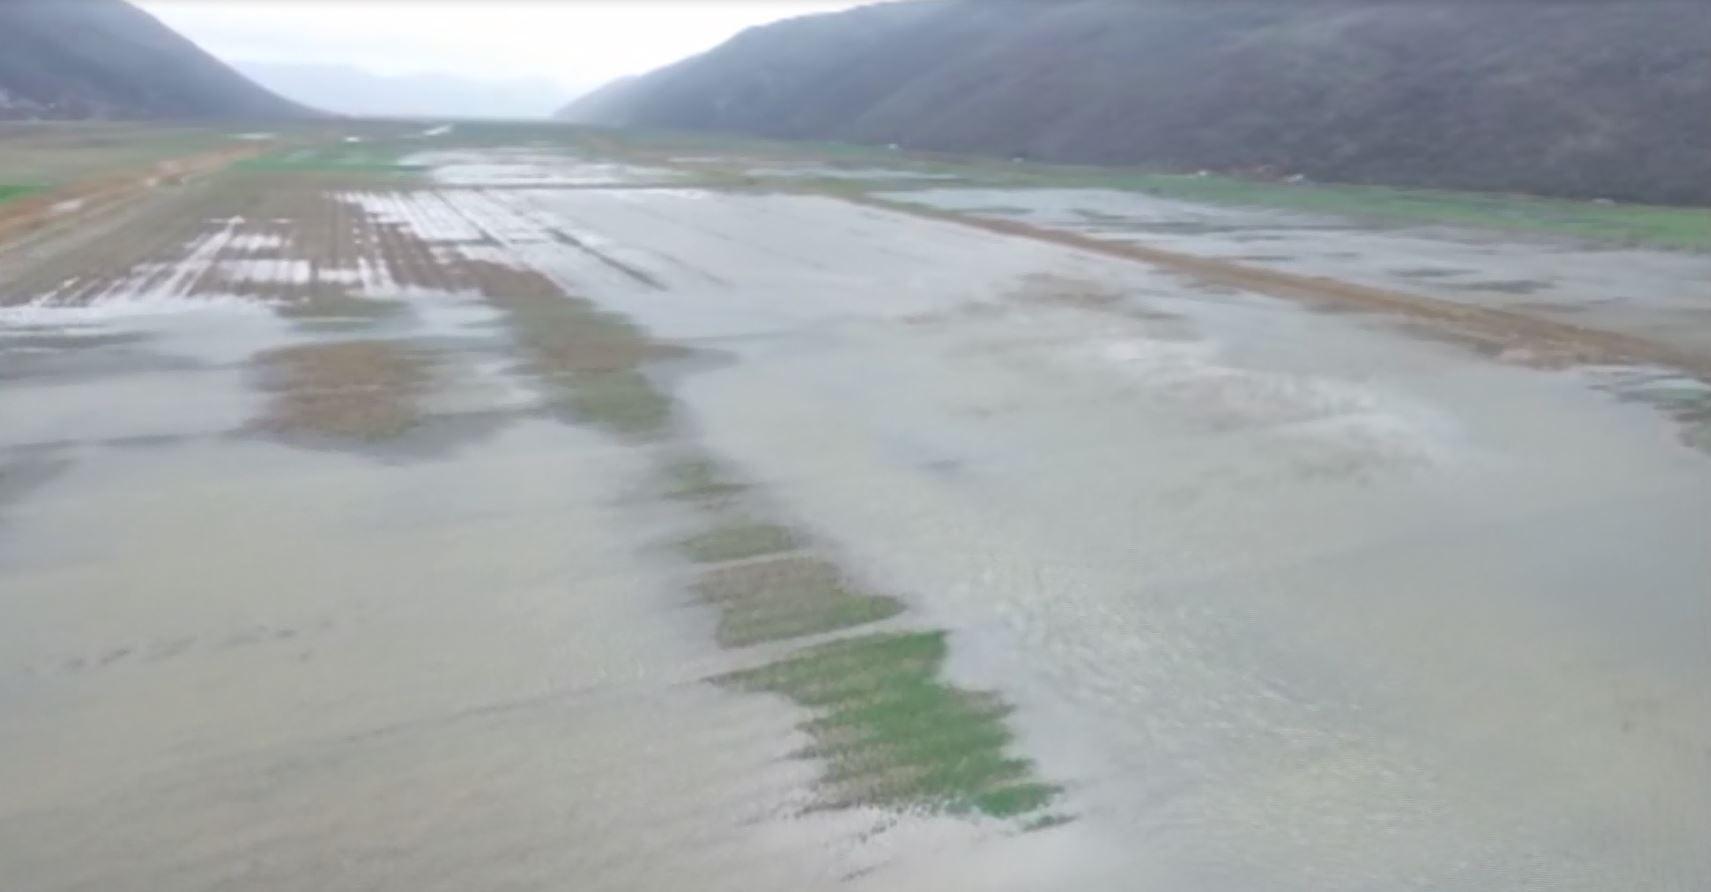 Përmbytjet në Torovicë, banorët pësojnë dëme të mëdha